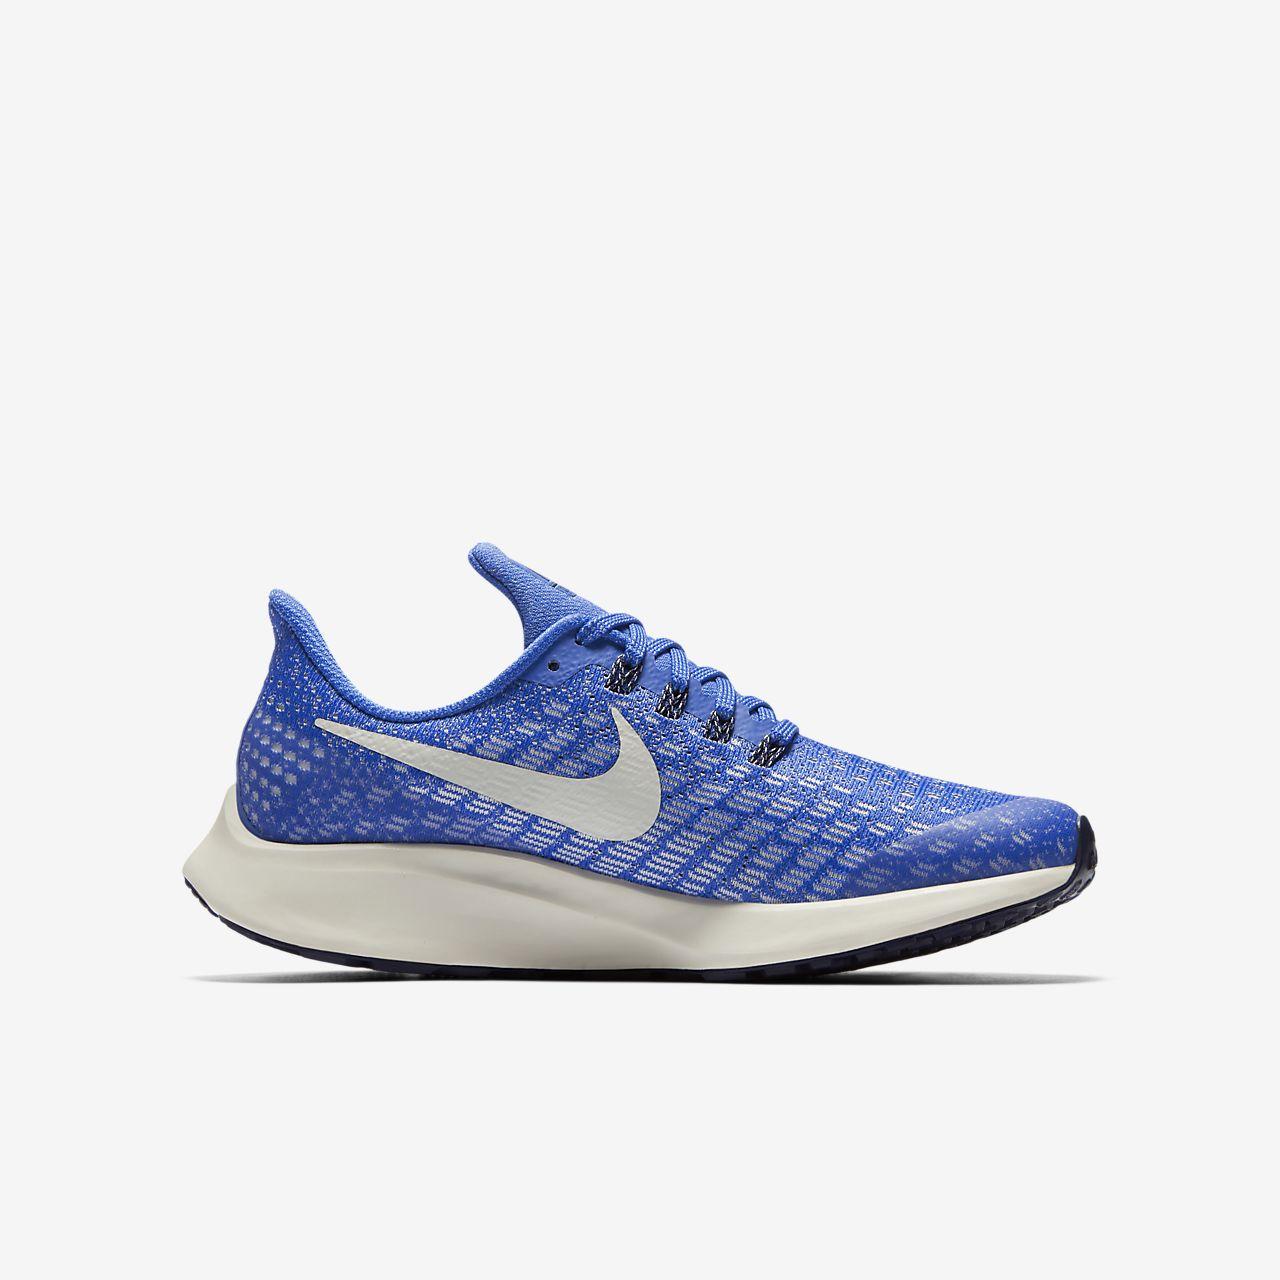 ... Nike Air Zoom Pegasus 35 Zapatillas de running - Niño a y niño a pequeño 10895a0b546f2